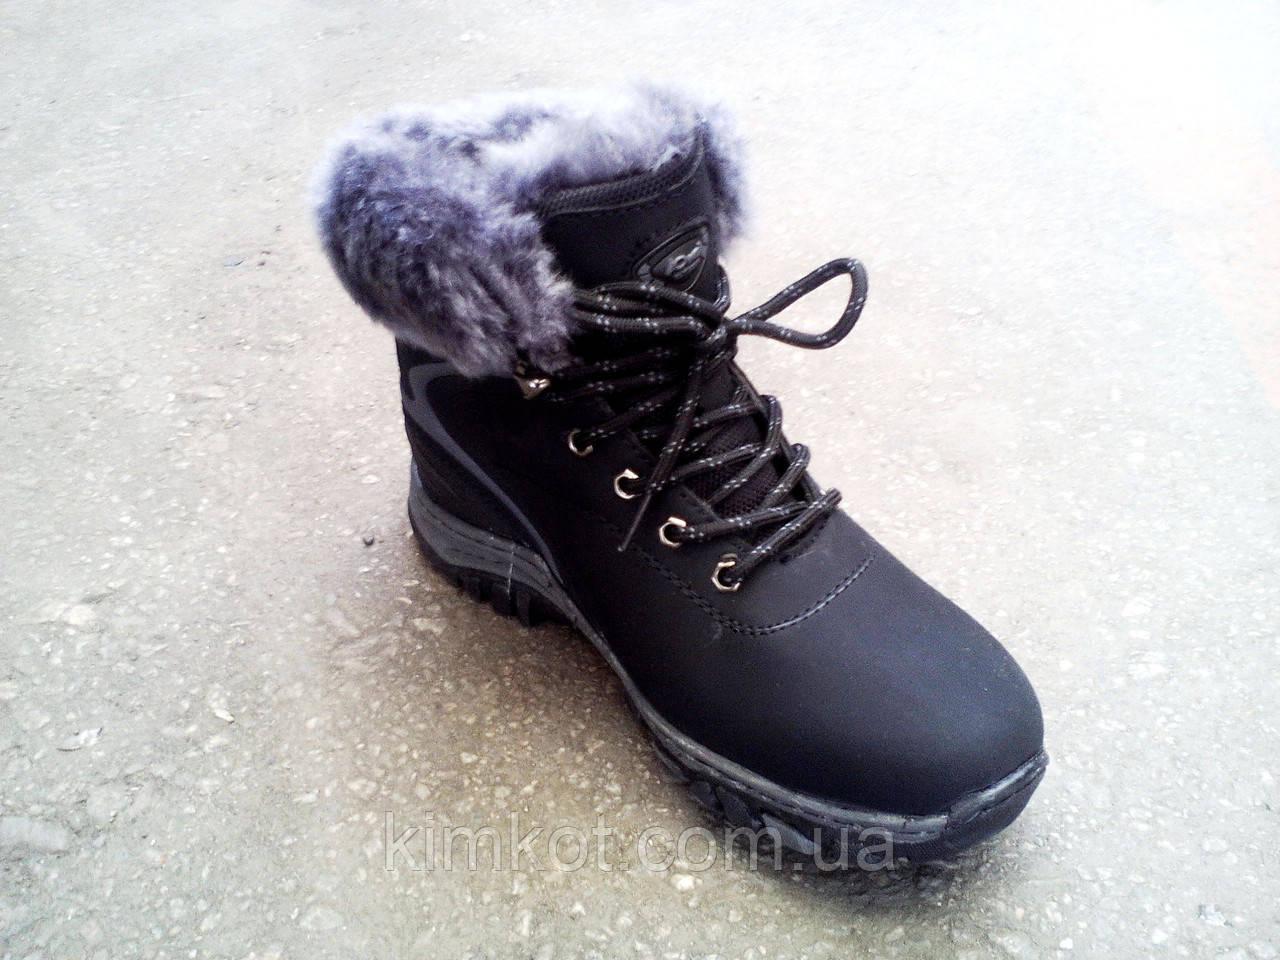 4d8bfc8e Подростковые спортивные зимние ботинки 36 -41 р-р, цена 630 грн., купить в  Харькове — Prom.ua (ID#168680301)